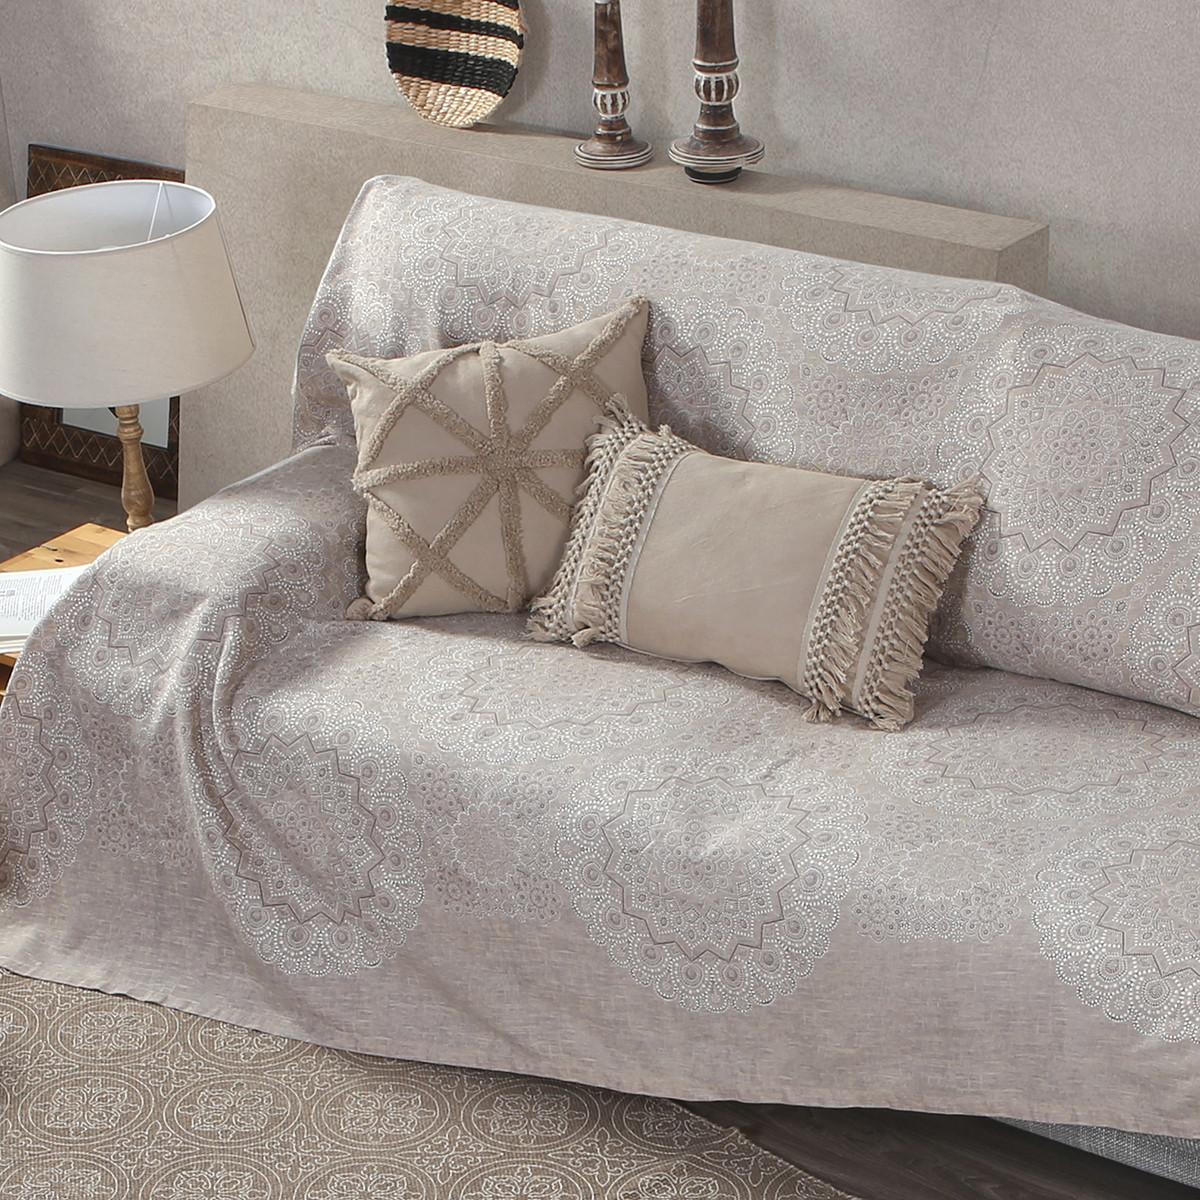 Ριχτάρι/Κουβερτόριο (250×300) Nef-Nef Bed&Sofa Dantelle Beige